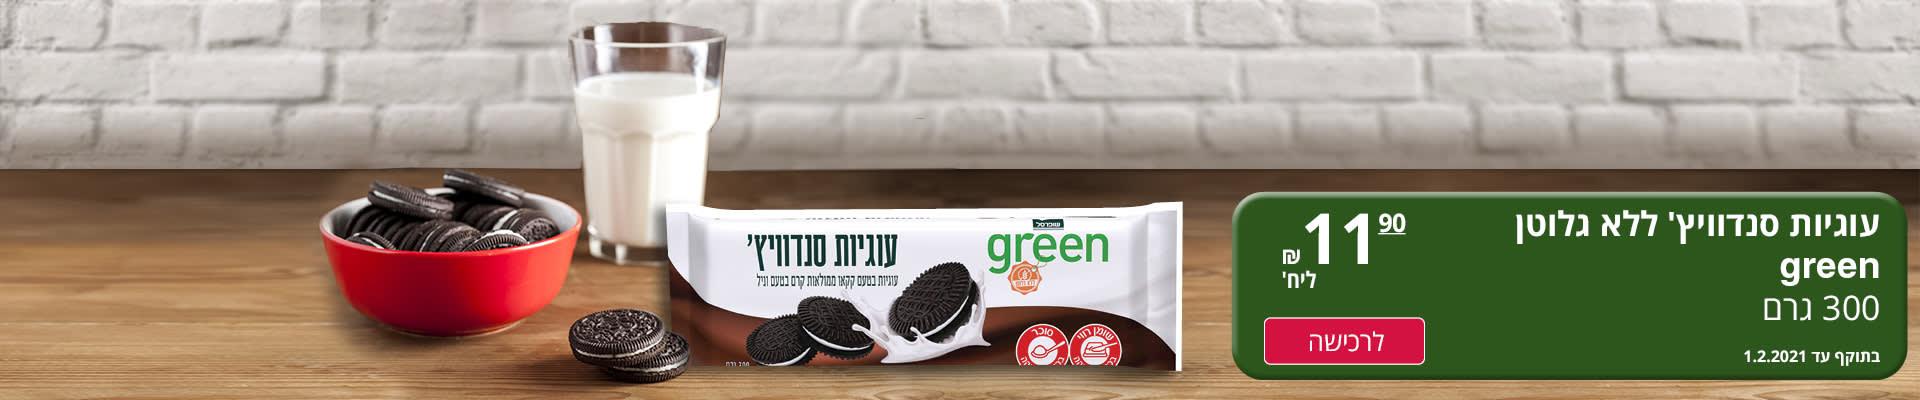 עוגיות סנדוויץ ללא גלוטן green 300 גרם ב- 11.90 ליחידה לרכישה בתוקף עד 1.2.2021